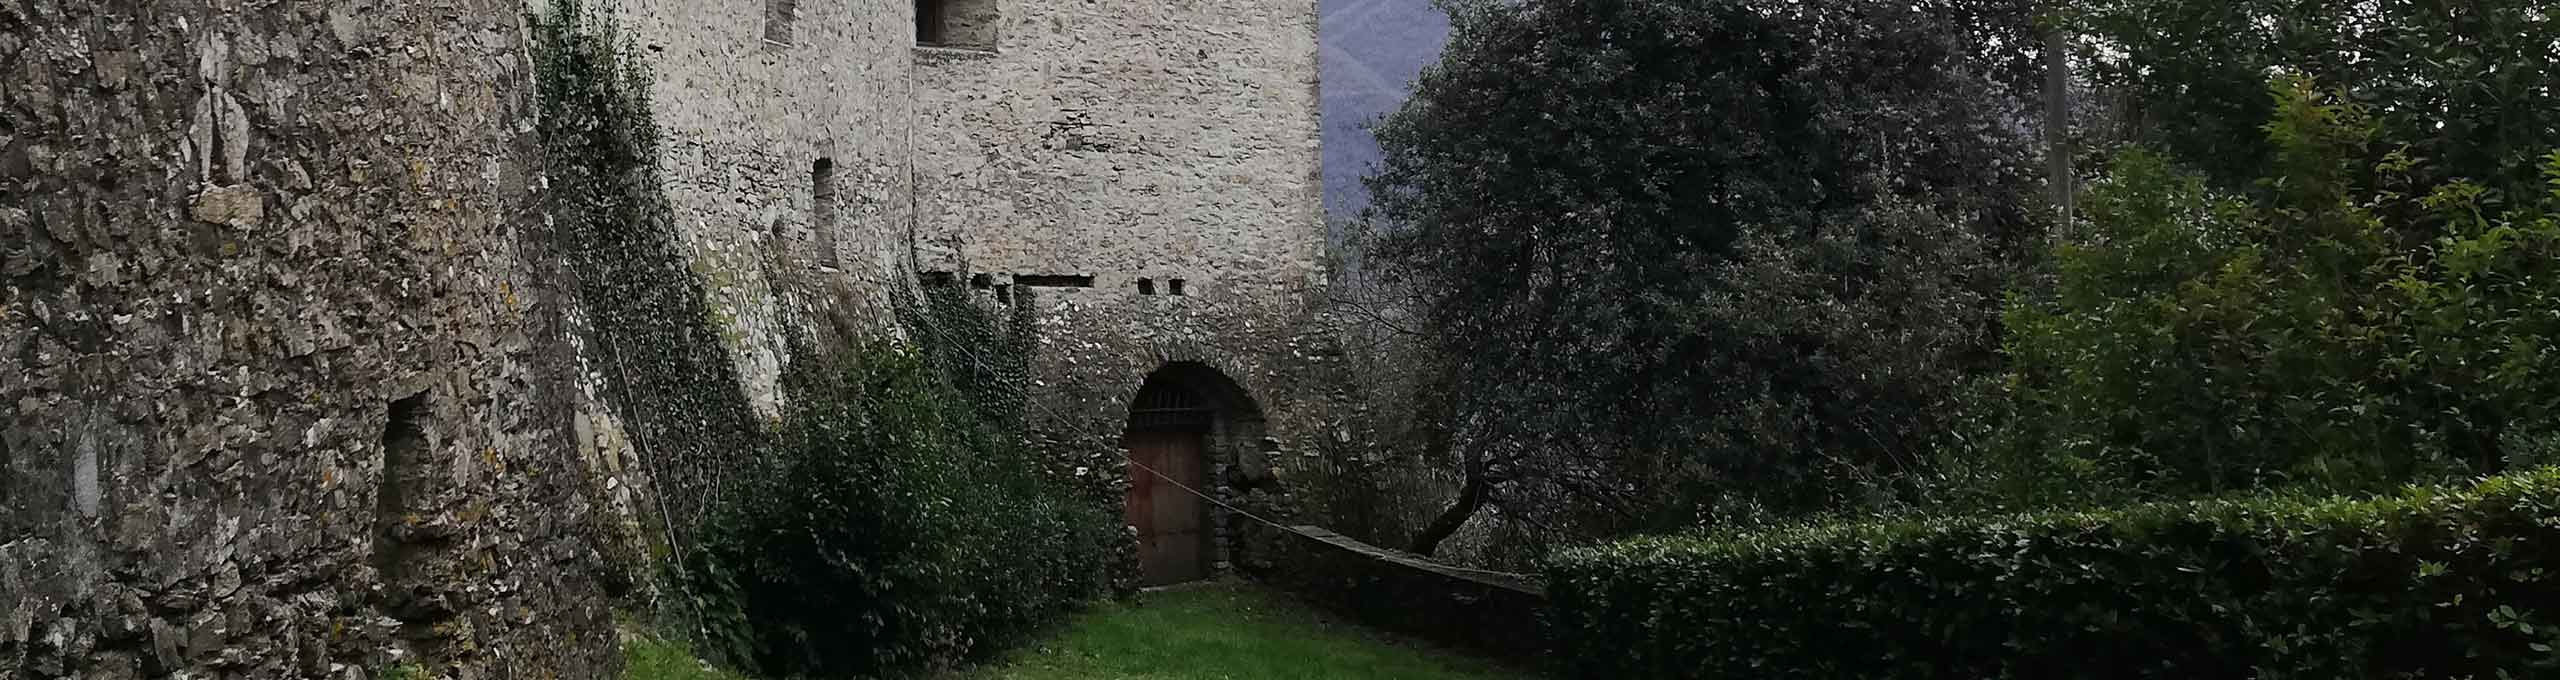 Castello medievale di Podenzana